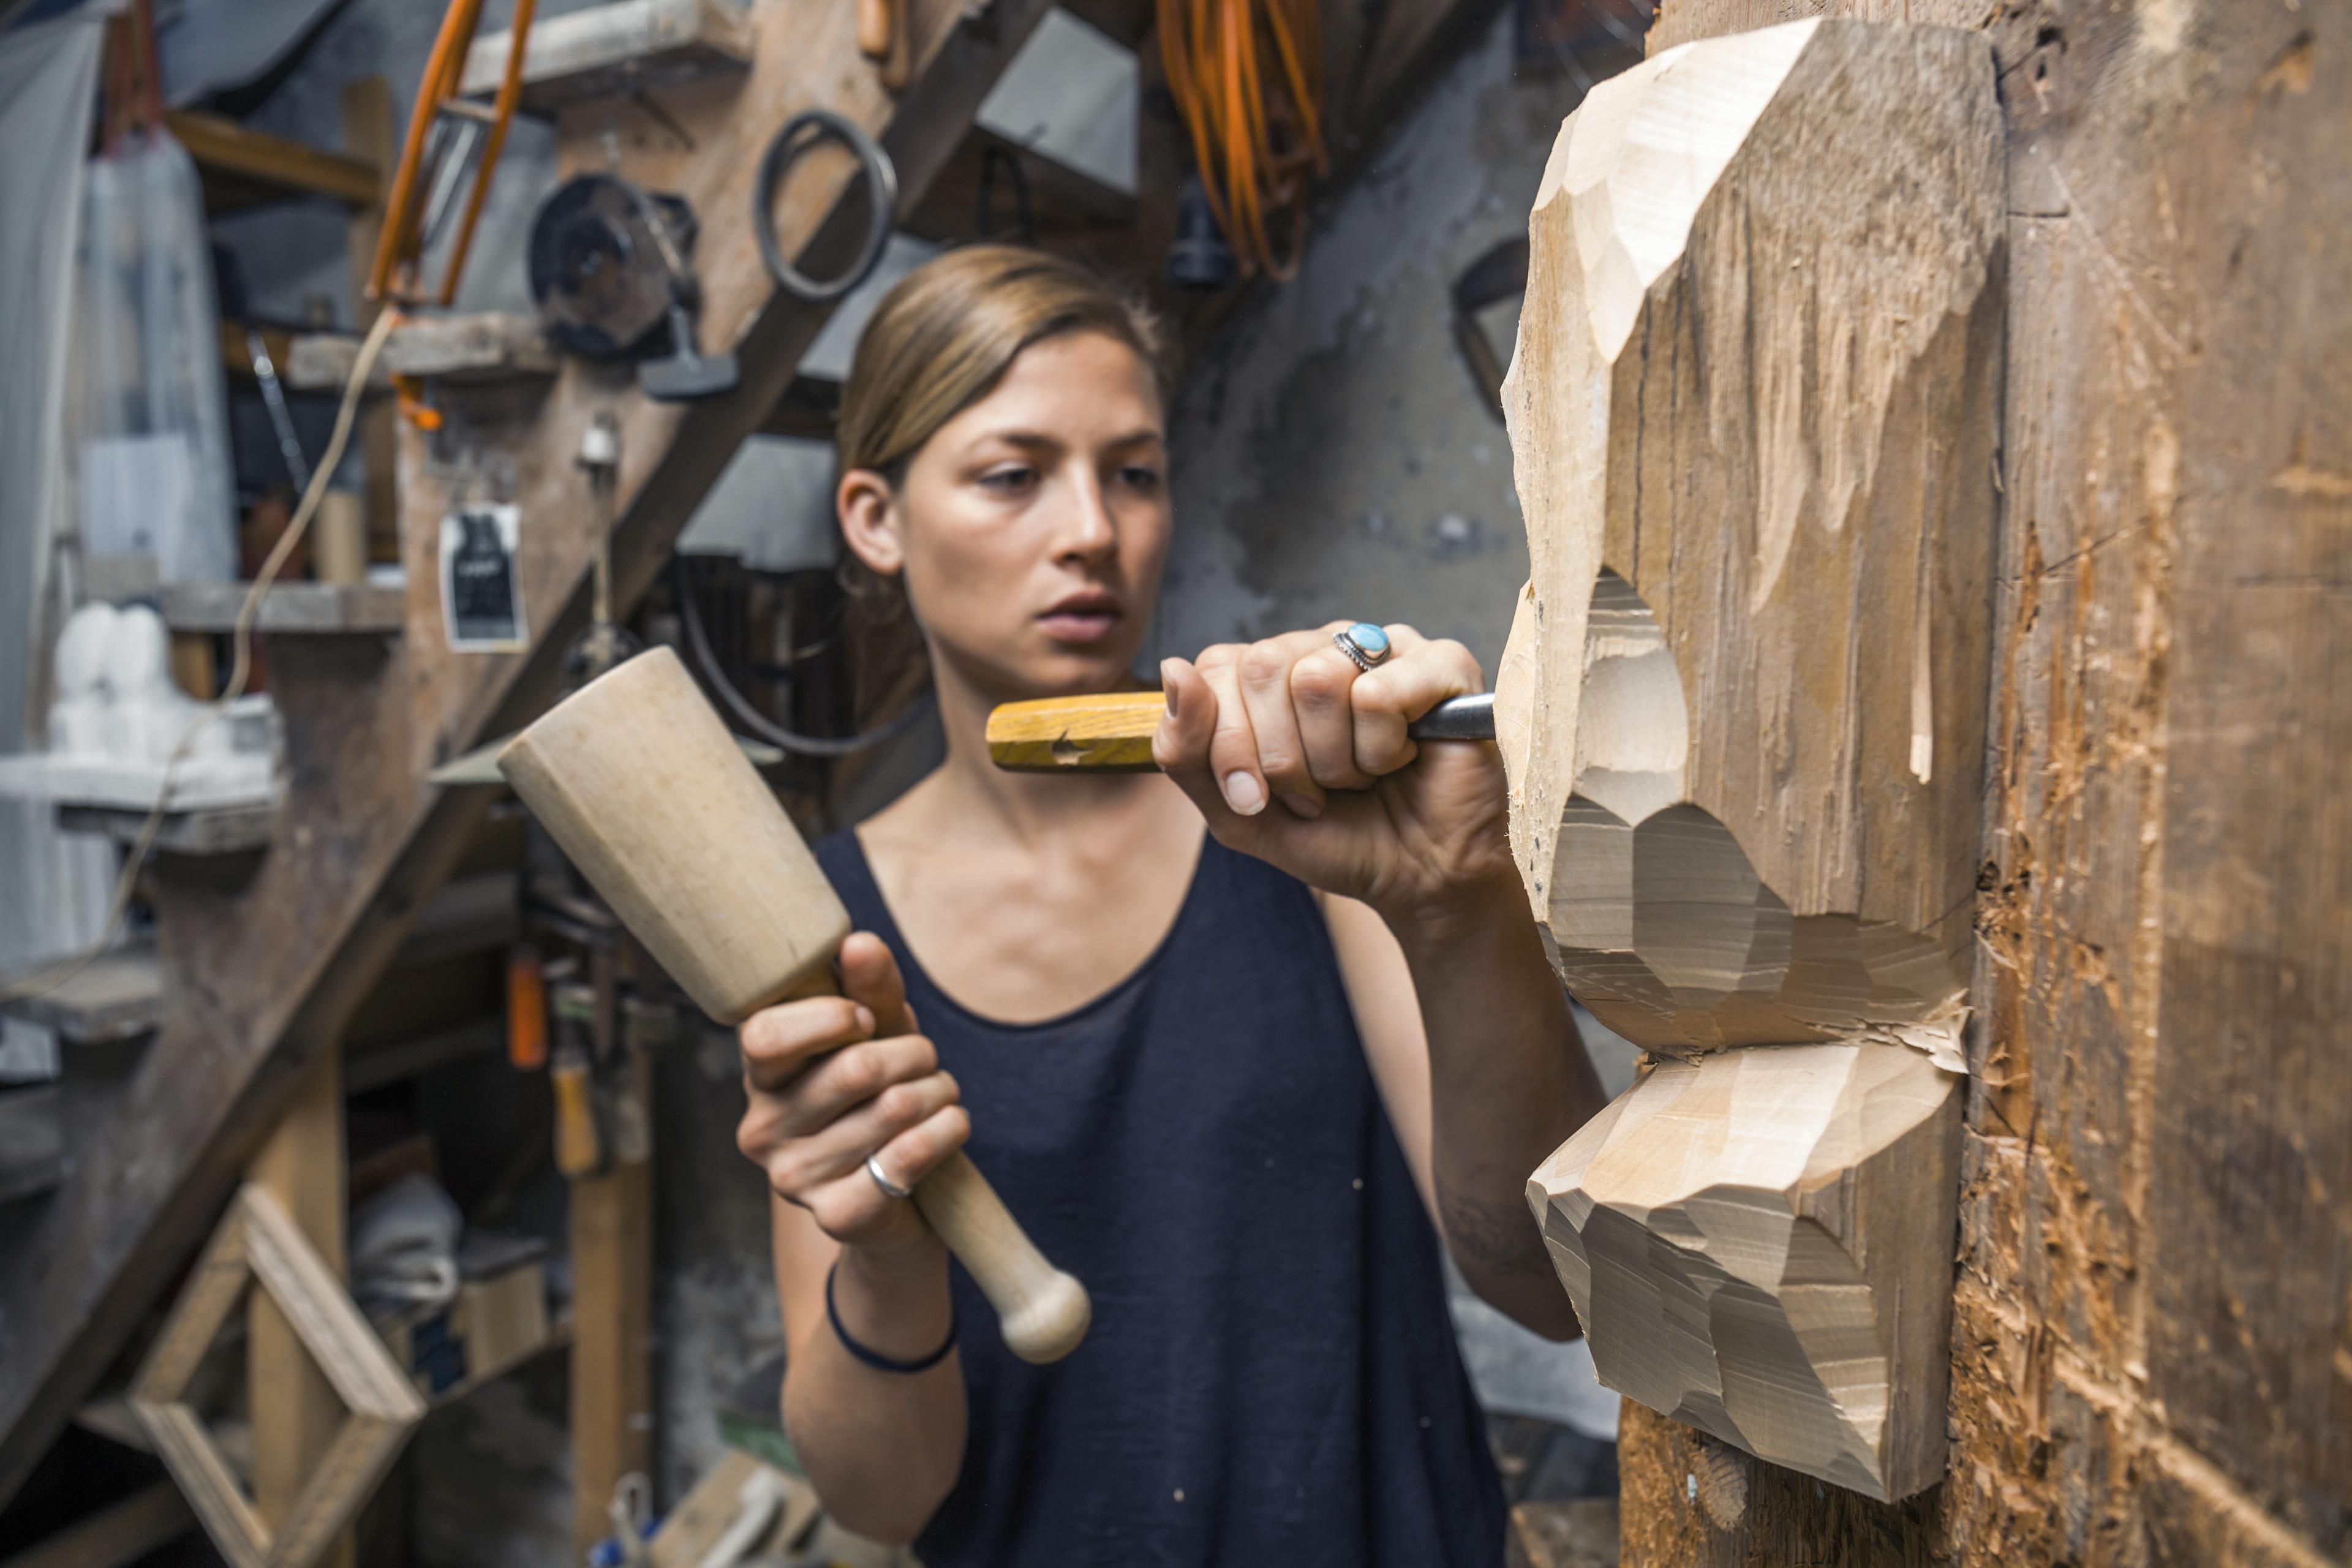 EY-Parthenon – Unternehmenskultur – Bildhauerin erstellt Skulptur